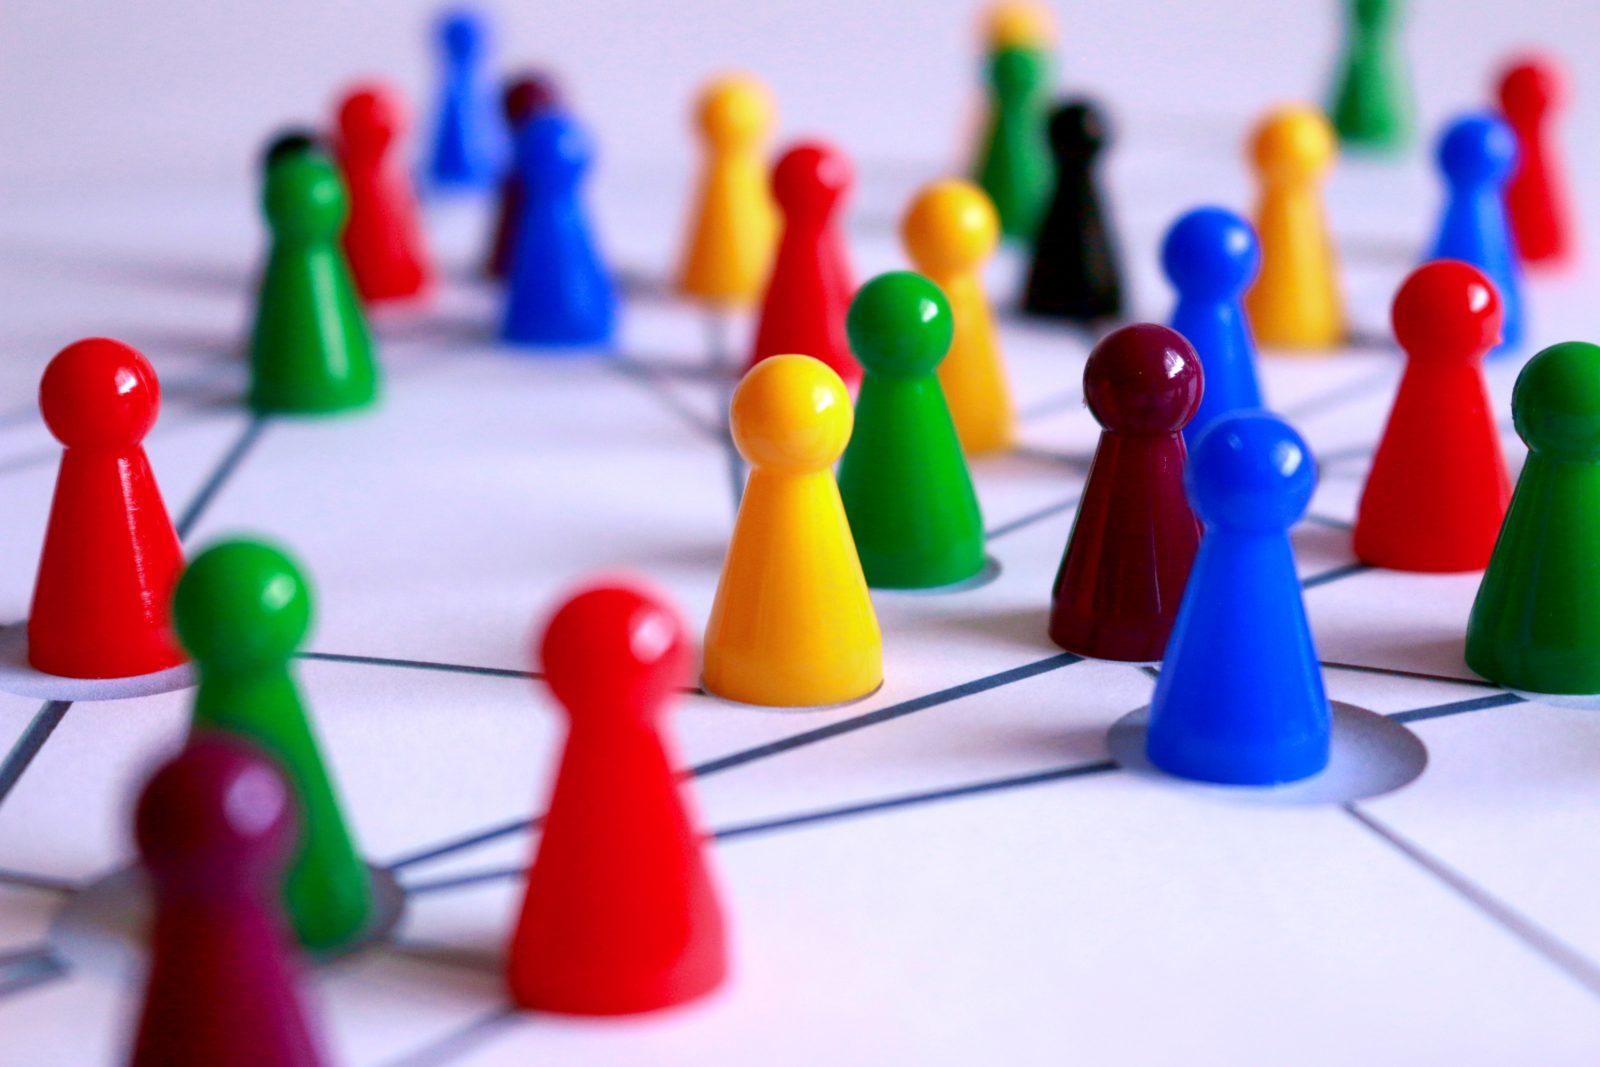 Consulente commerciale o società di ricerca clienti attiva?